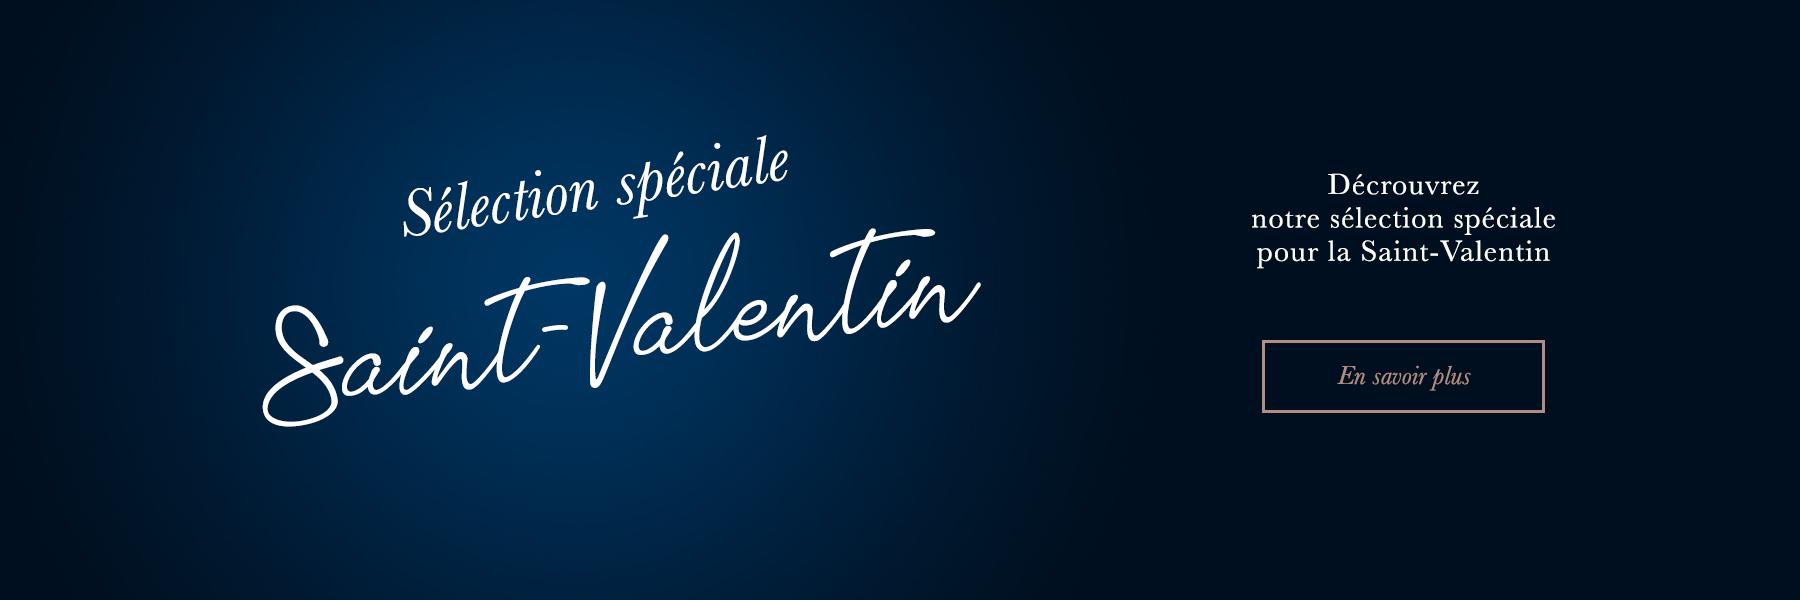 Sélection spéciale Saint-Valentin